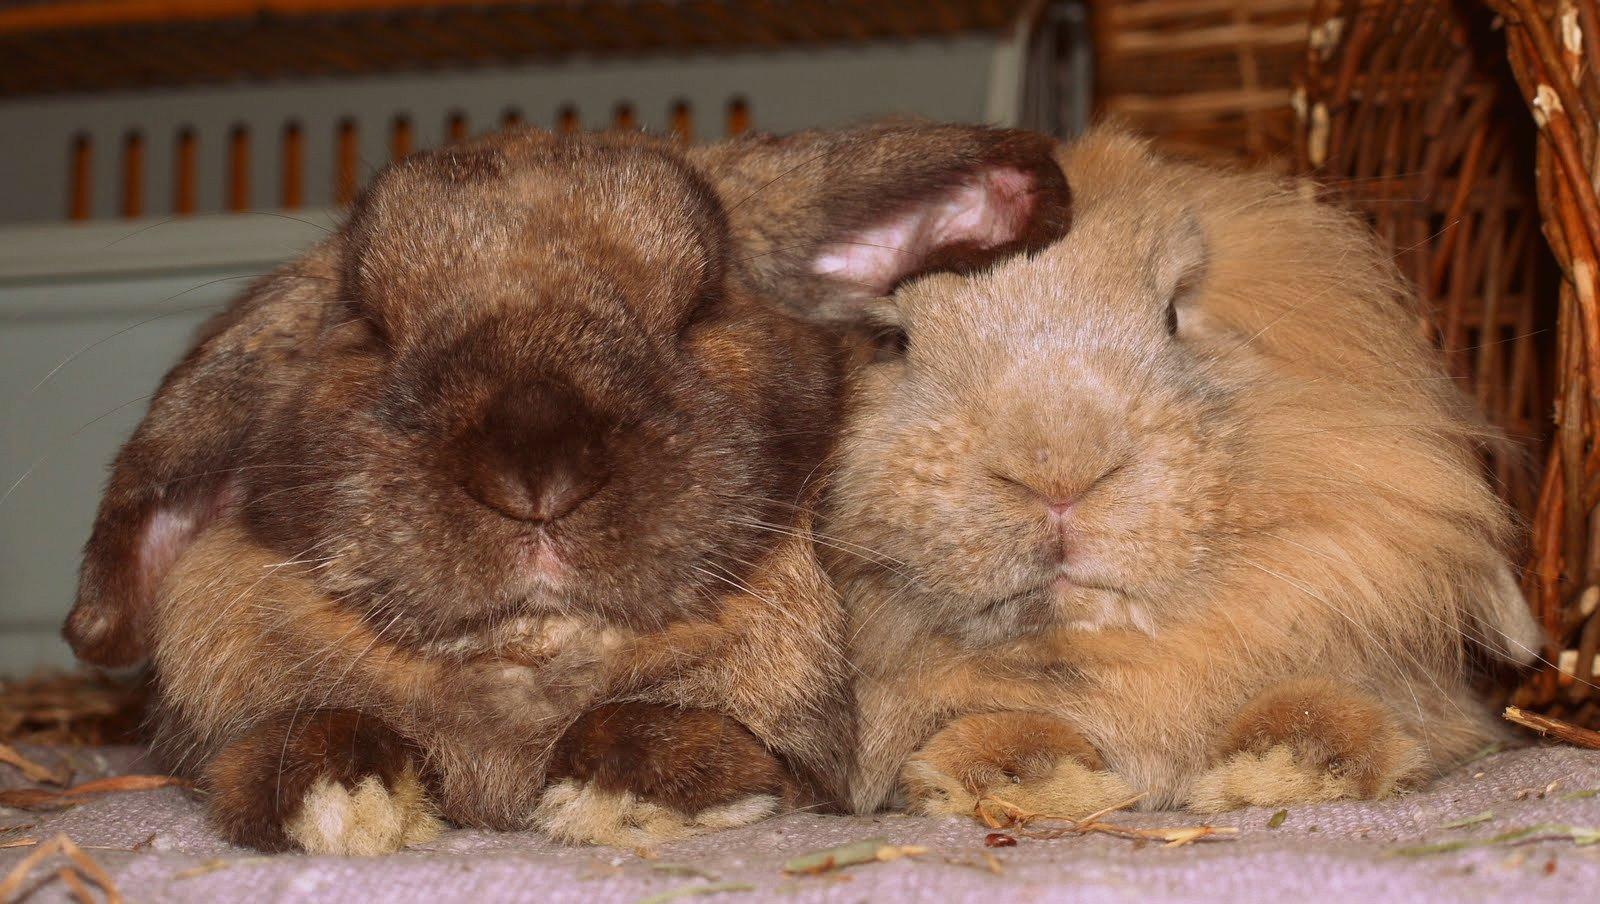 Aventures de lapins maison de toilette for Aventures de maison